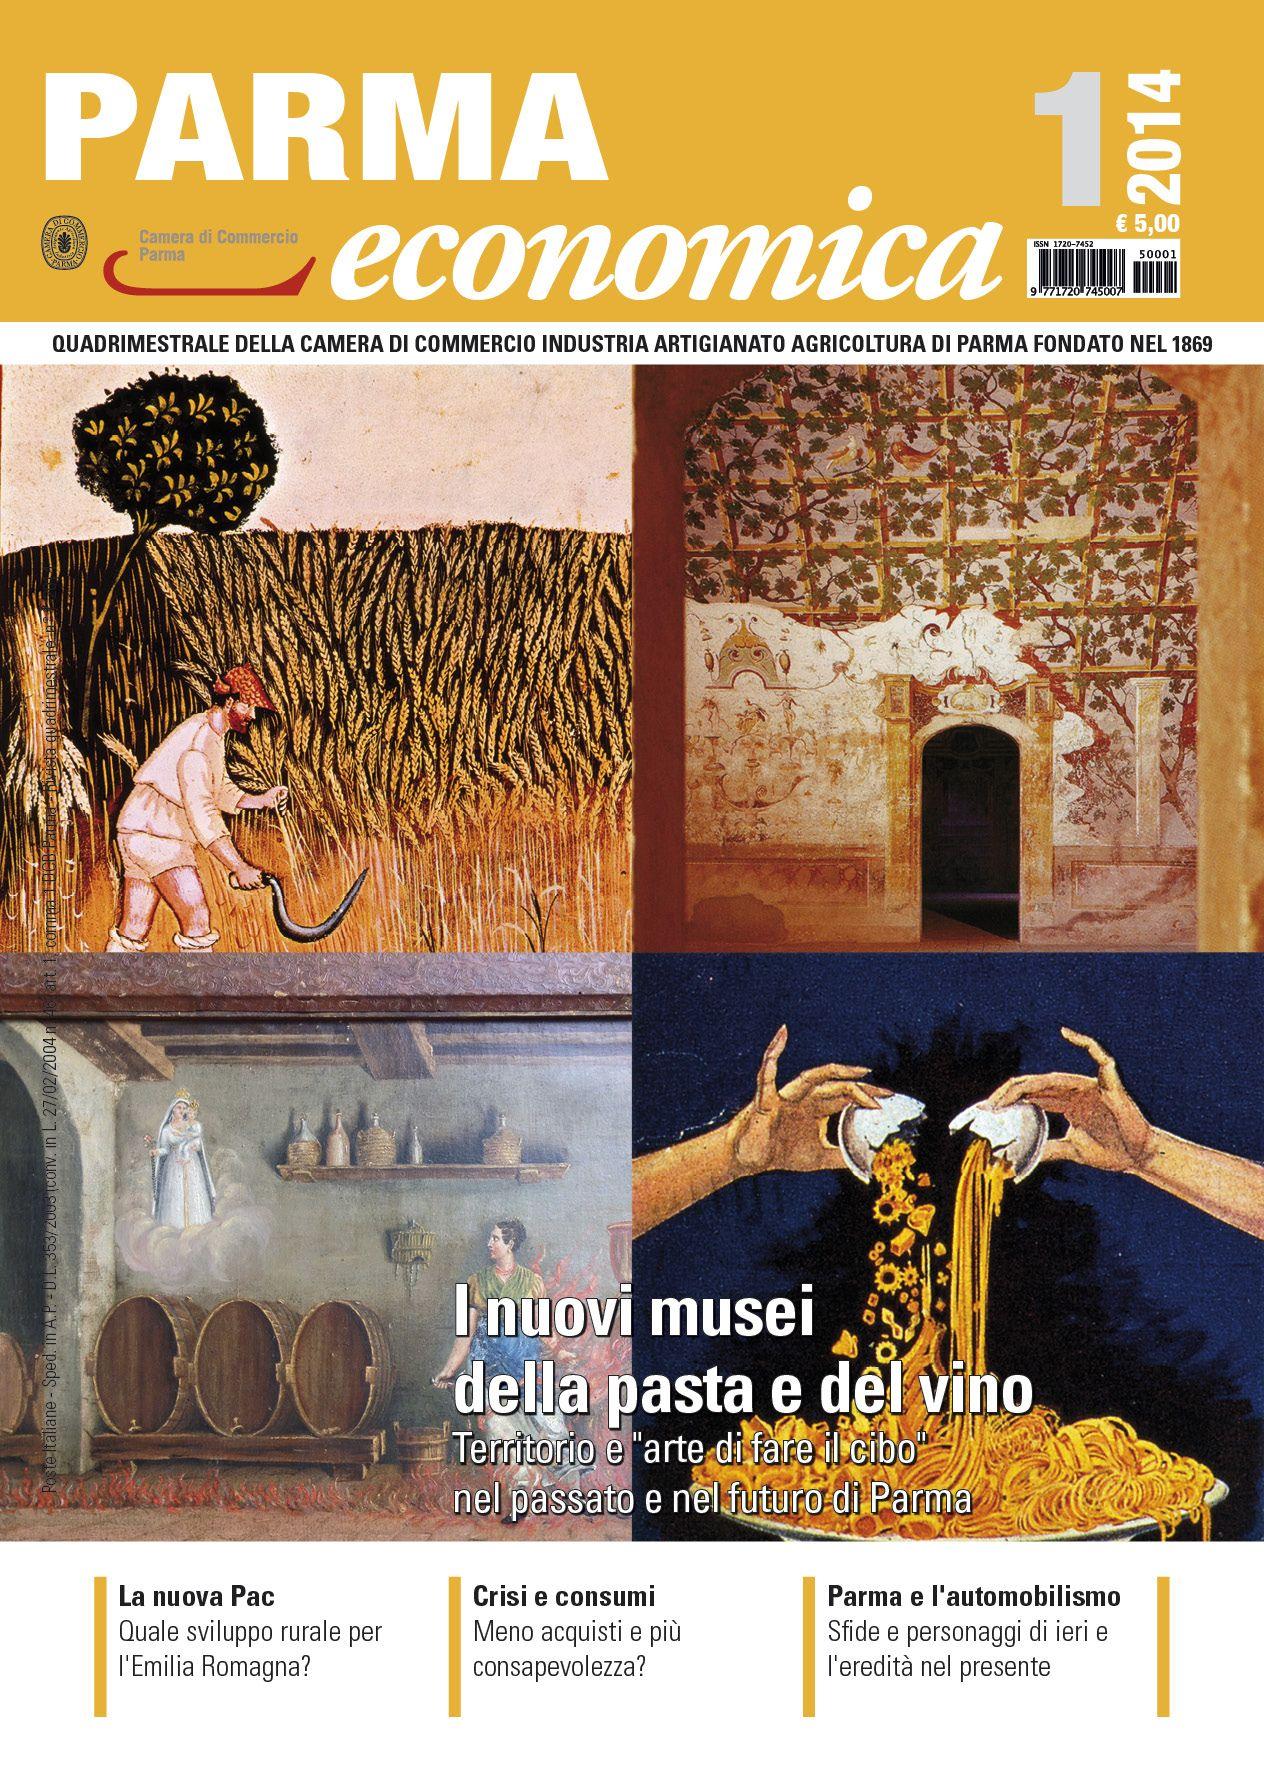 In edicola il nuovo numero di Parma Economica